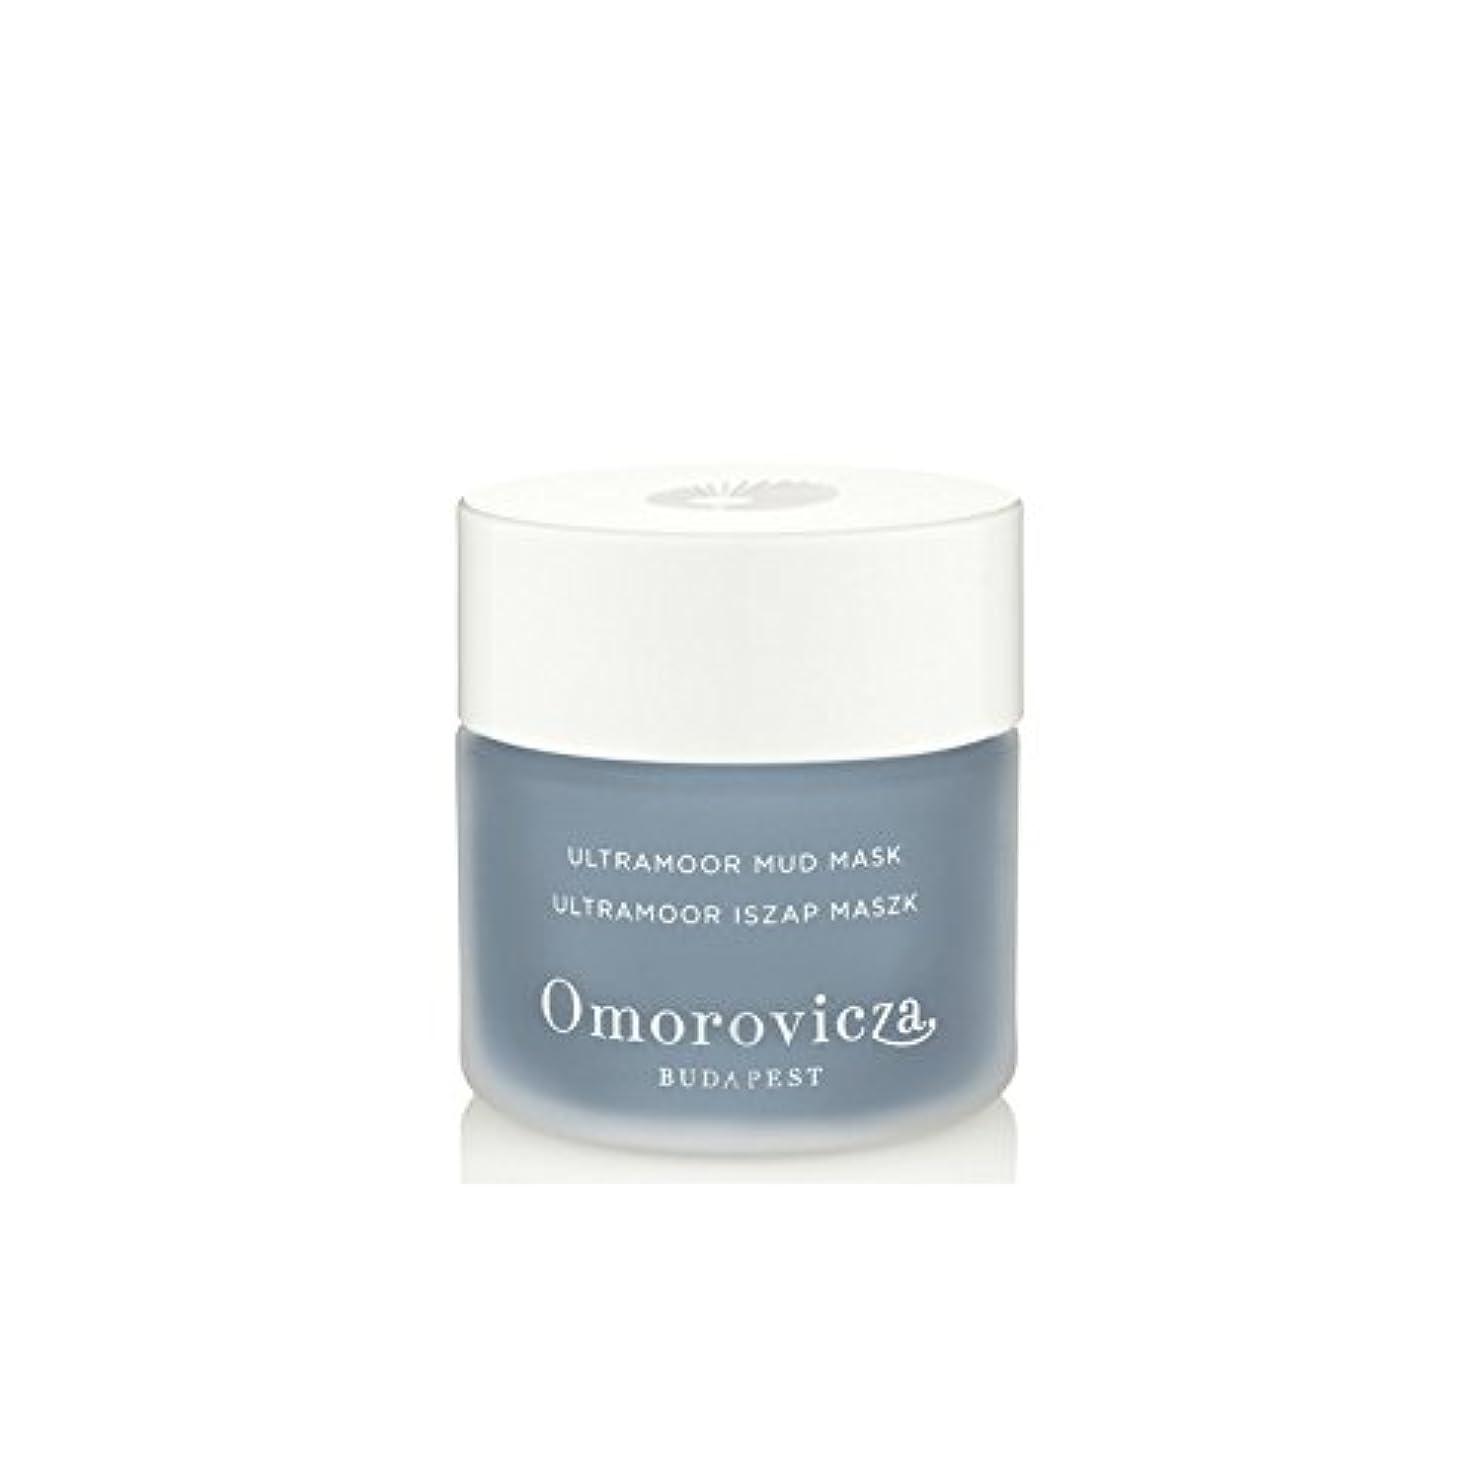 ダイヤモンド圧縮パンフレットOmorovicza Ultramoor Mud Mask (50ml) - 泥マスク(50ミリリットル) [並行輸入品]